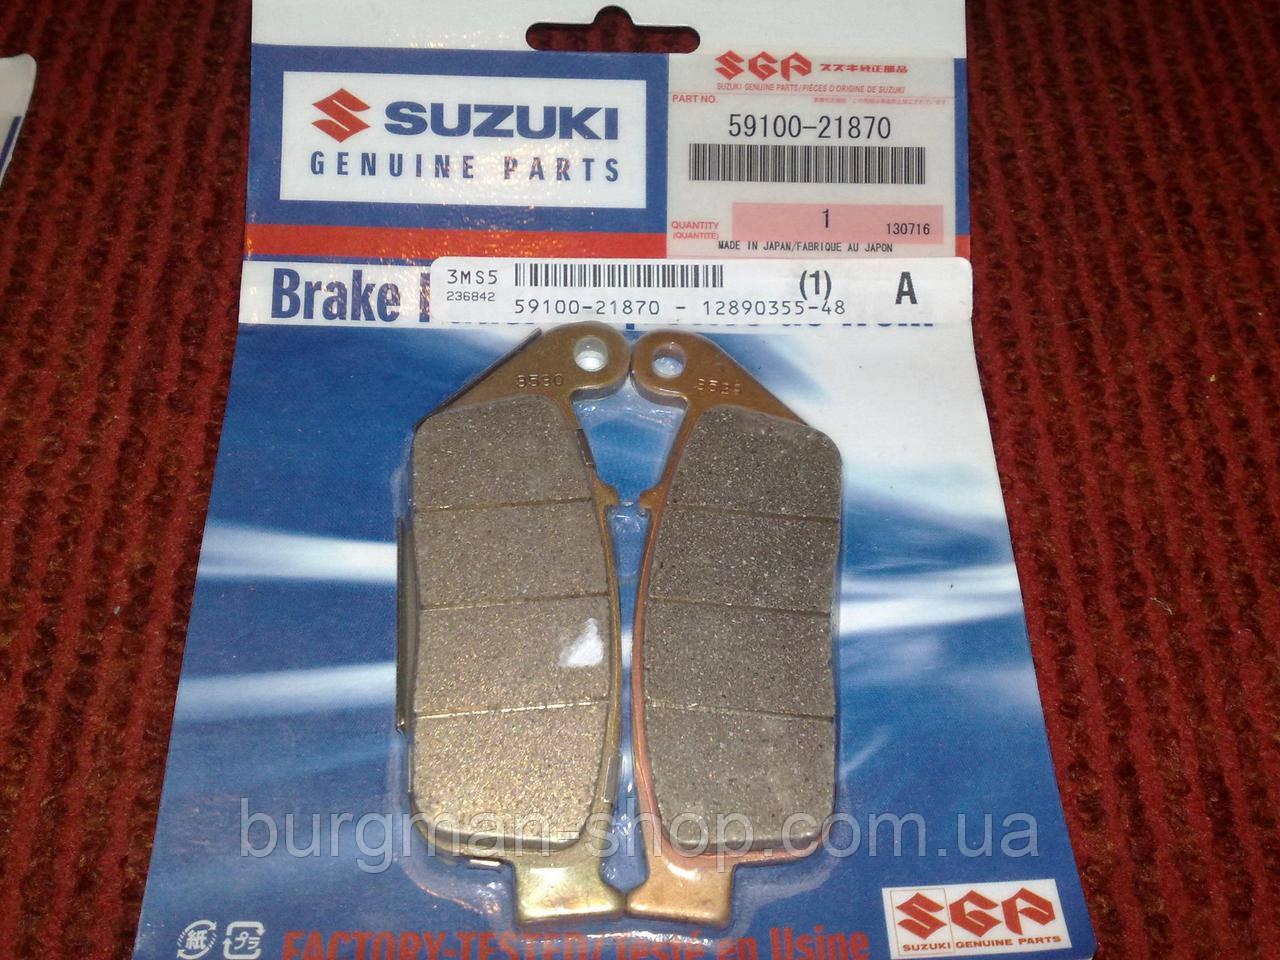 Тормозные колодки передние левые 650сс Suzuki Burgman SkyWave 59100-21870